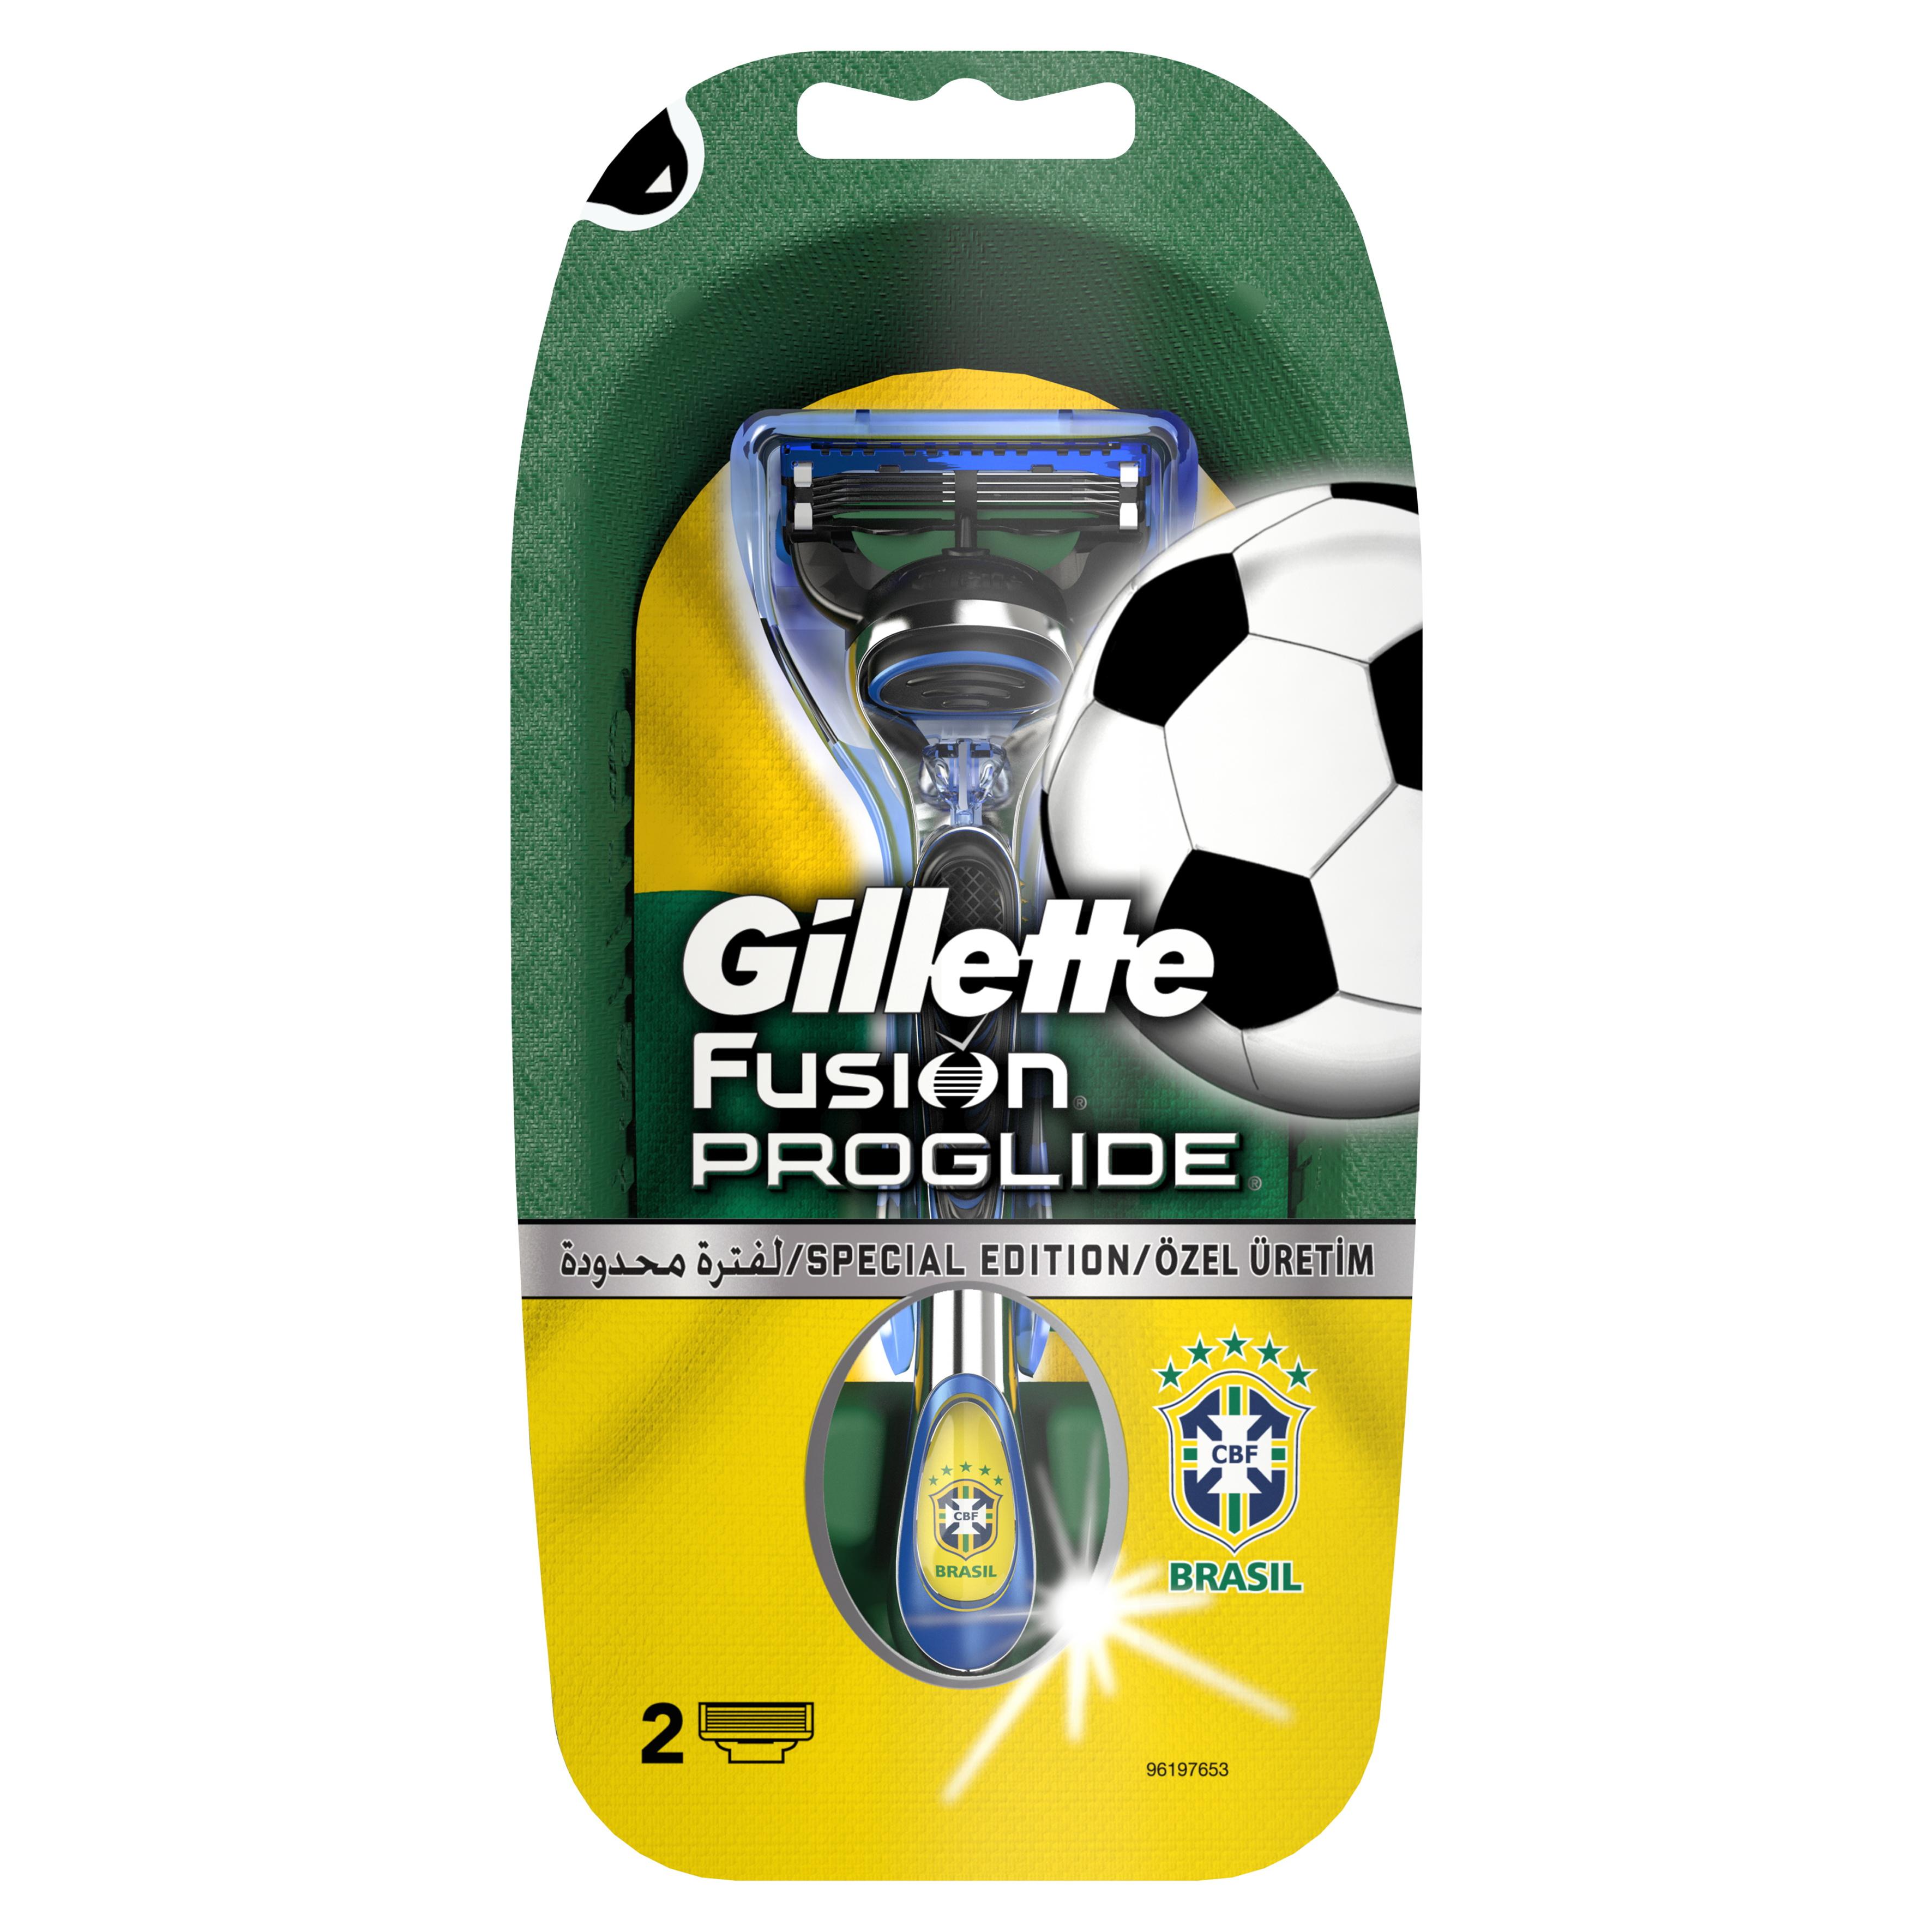 Gillette - Fusion ProGlide - Brazil